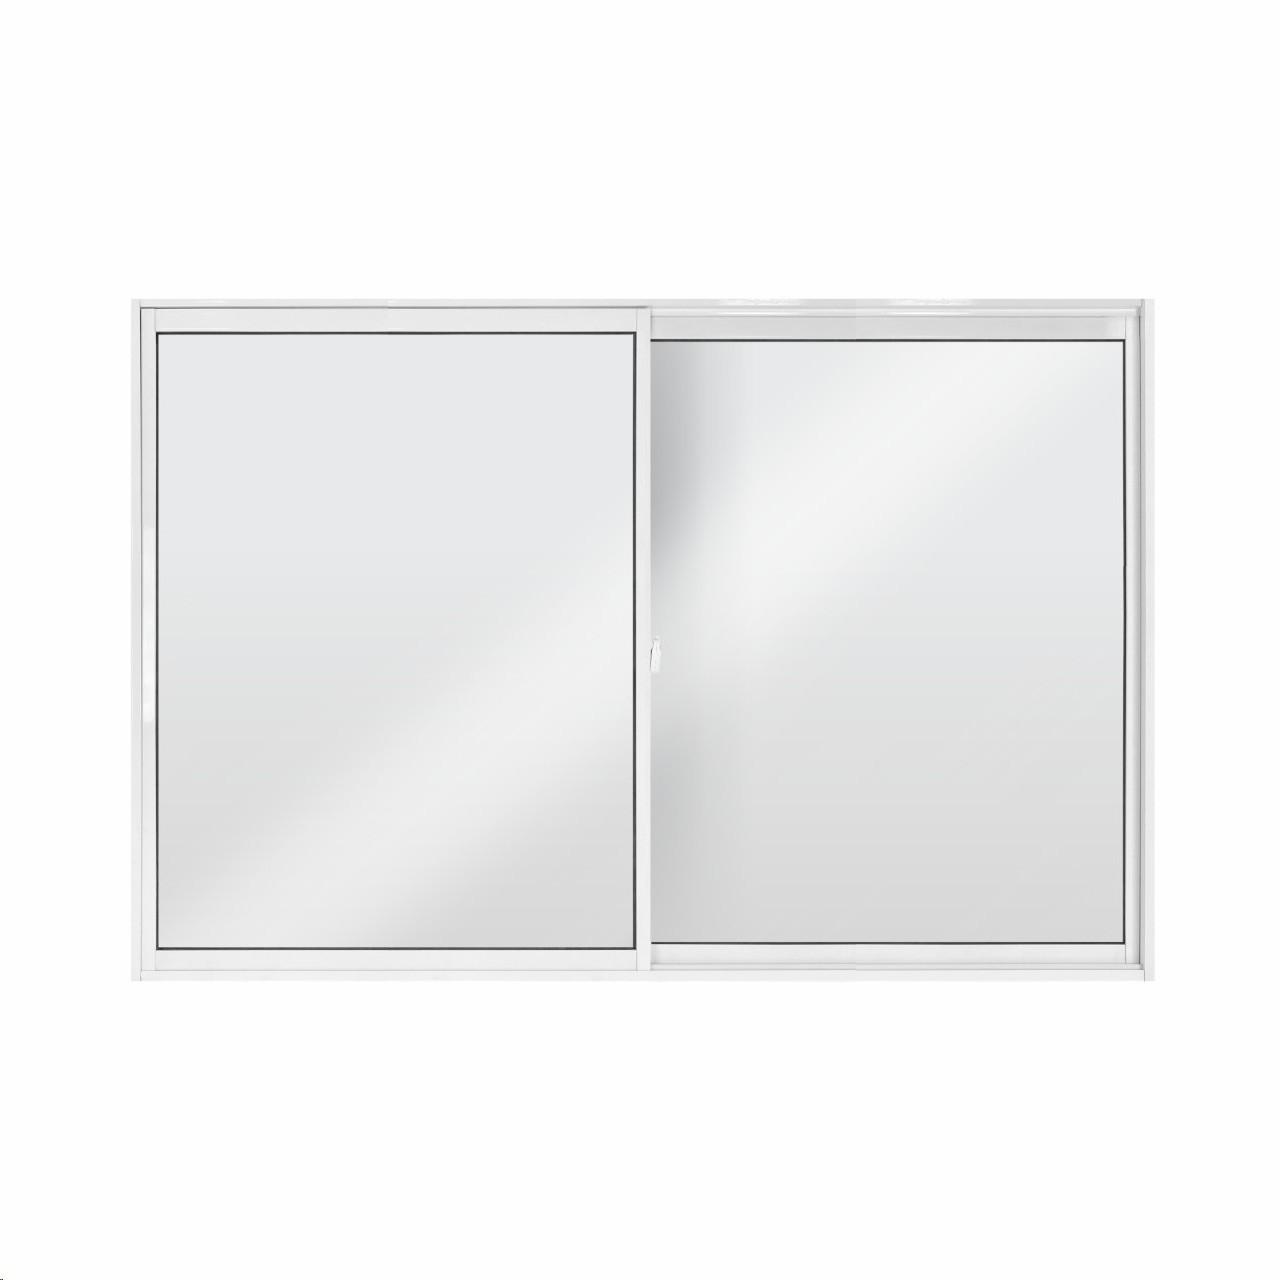 Janela de Correr Slim de Aluminio 2 Folhas 100x150cm Vidro Liso Branca - 922306 - Aluvid